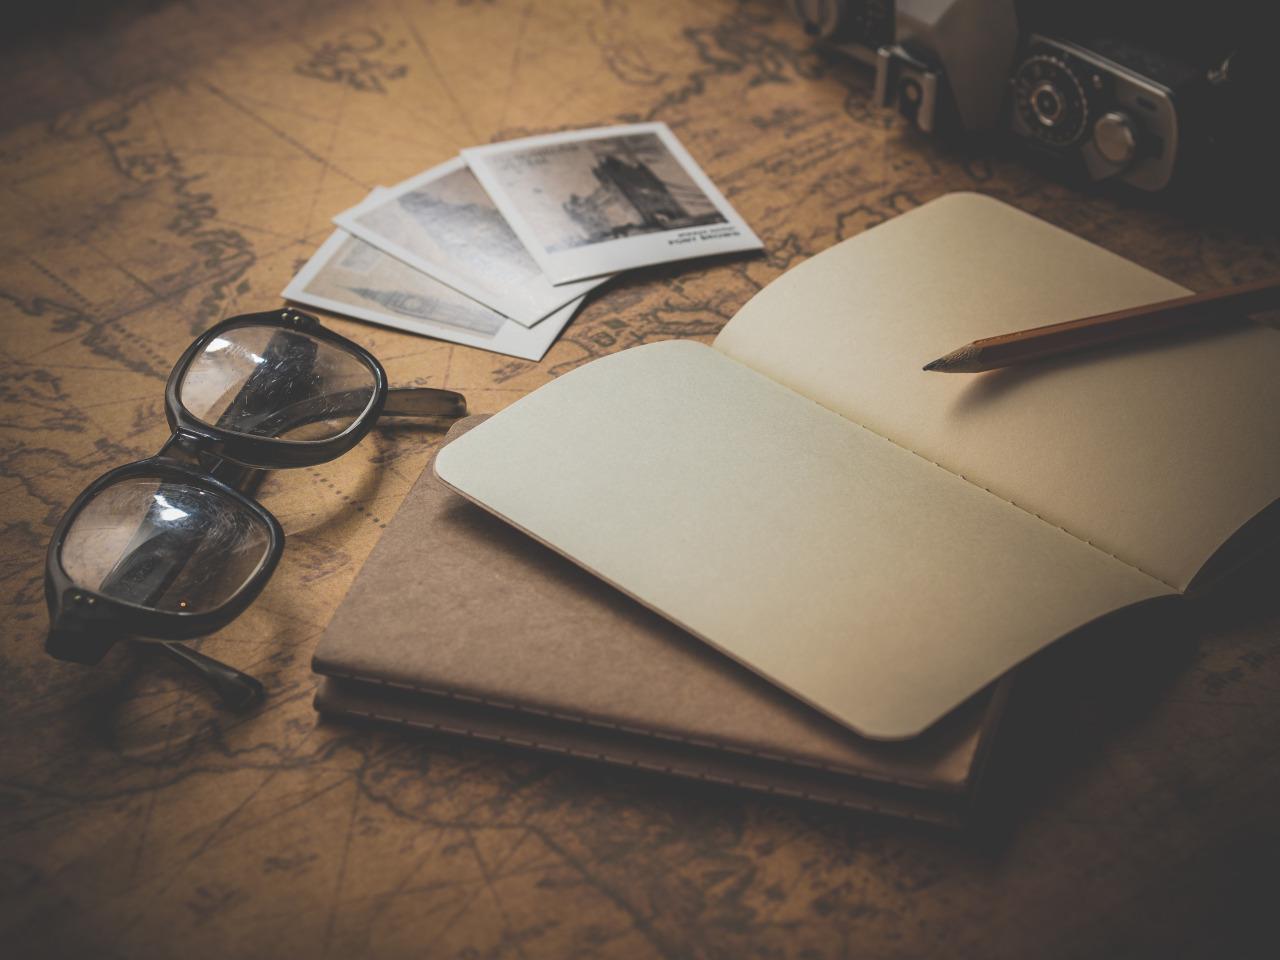 Prendere appunti su un'agenda